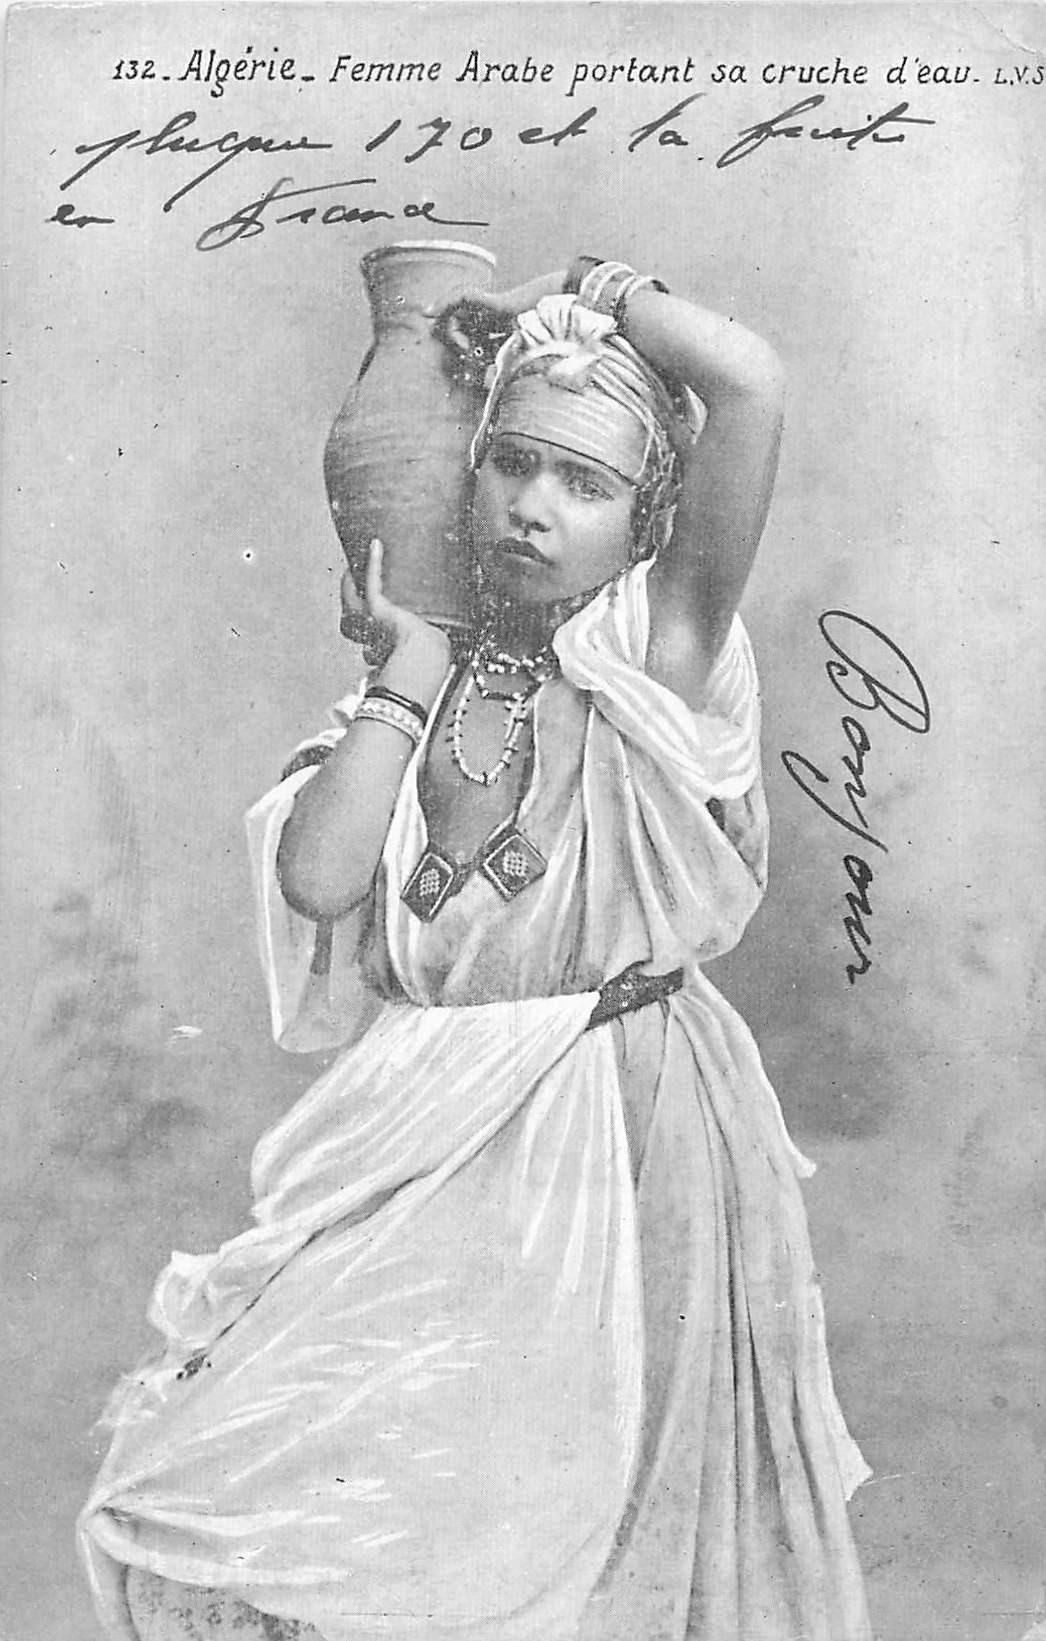 ALGERIE FEMMES. Arabe porteuse d'eau 1912